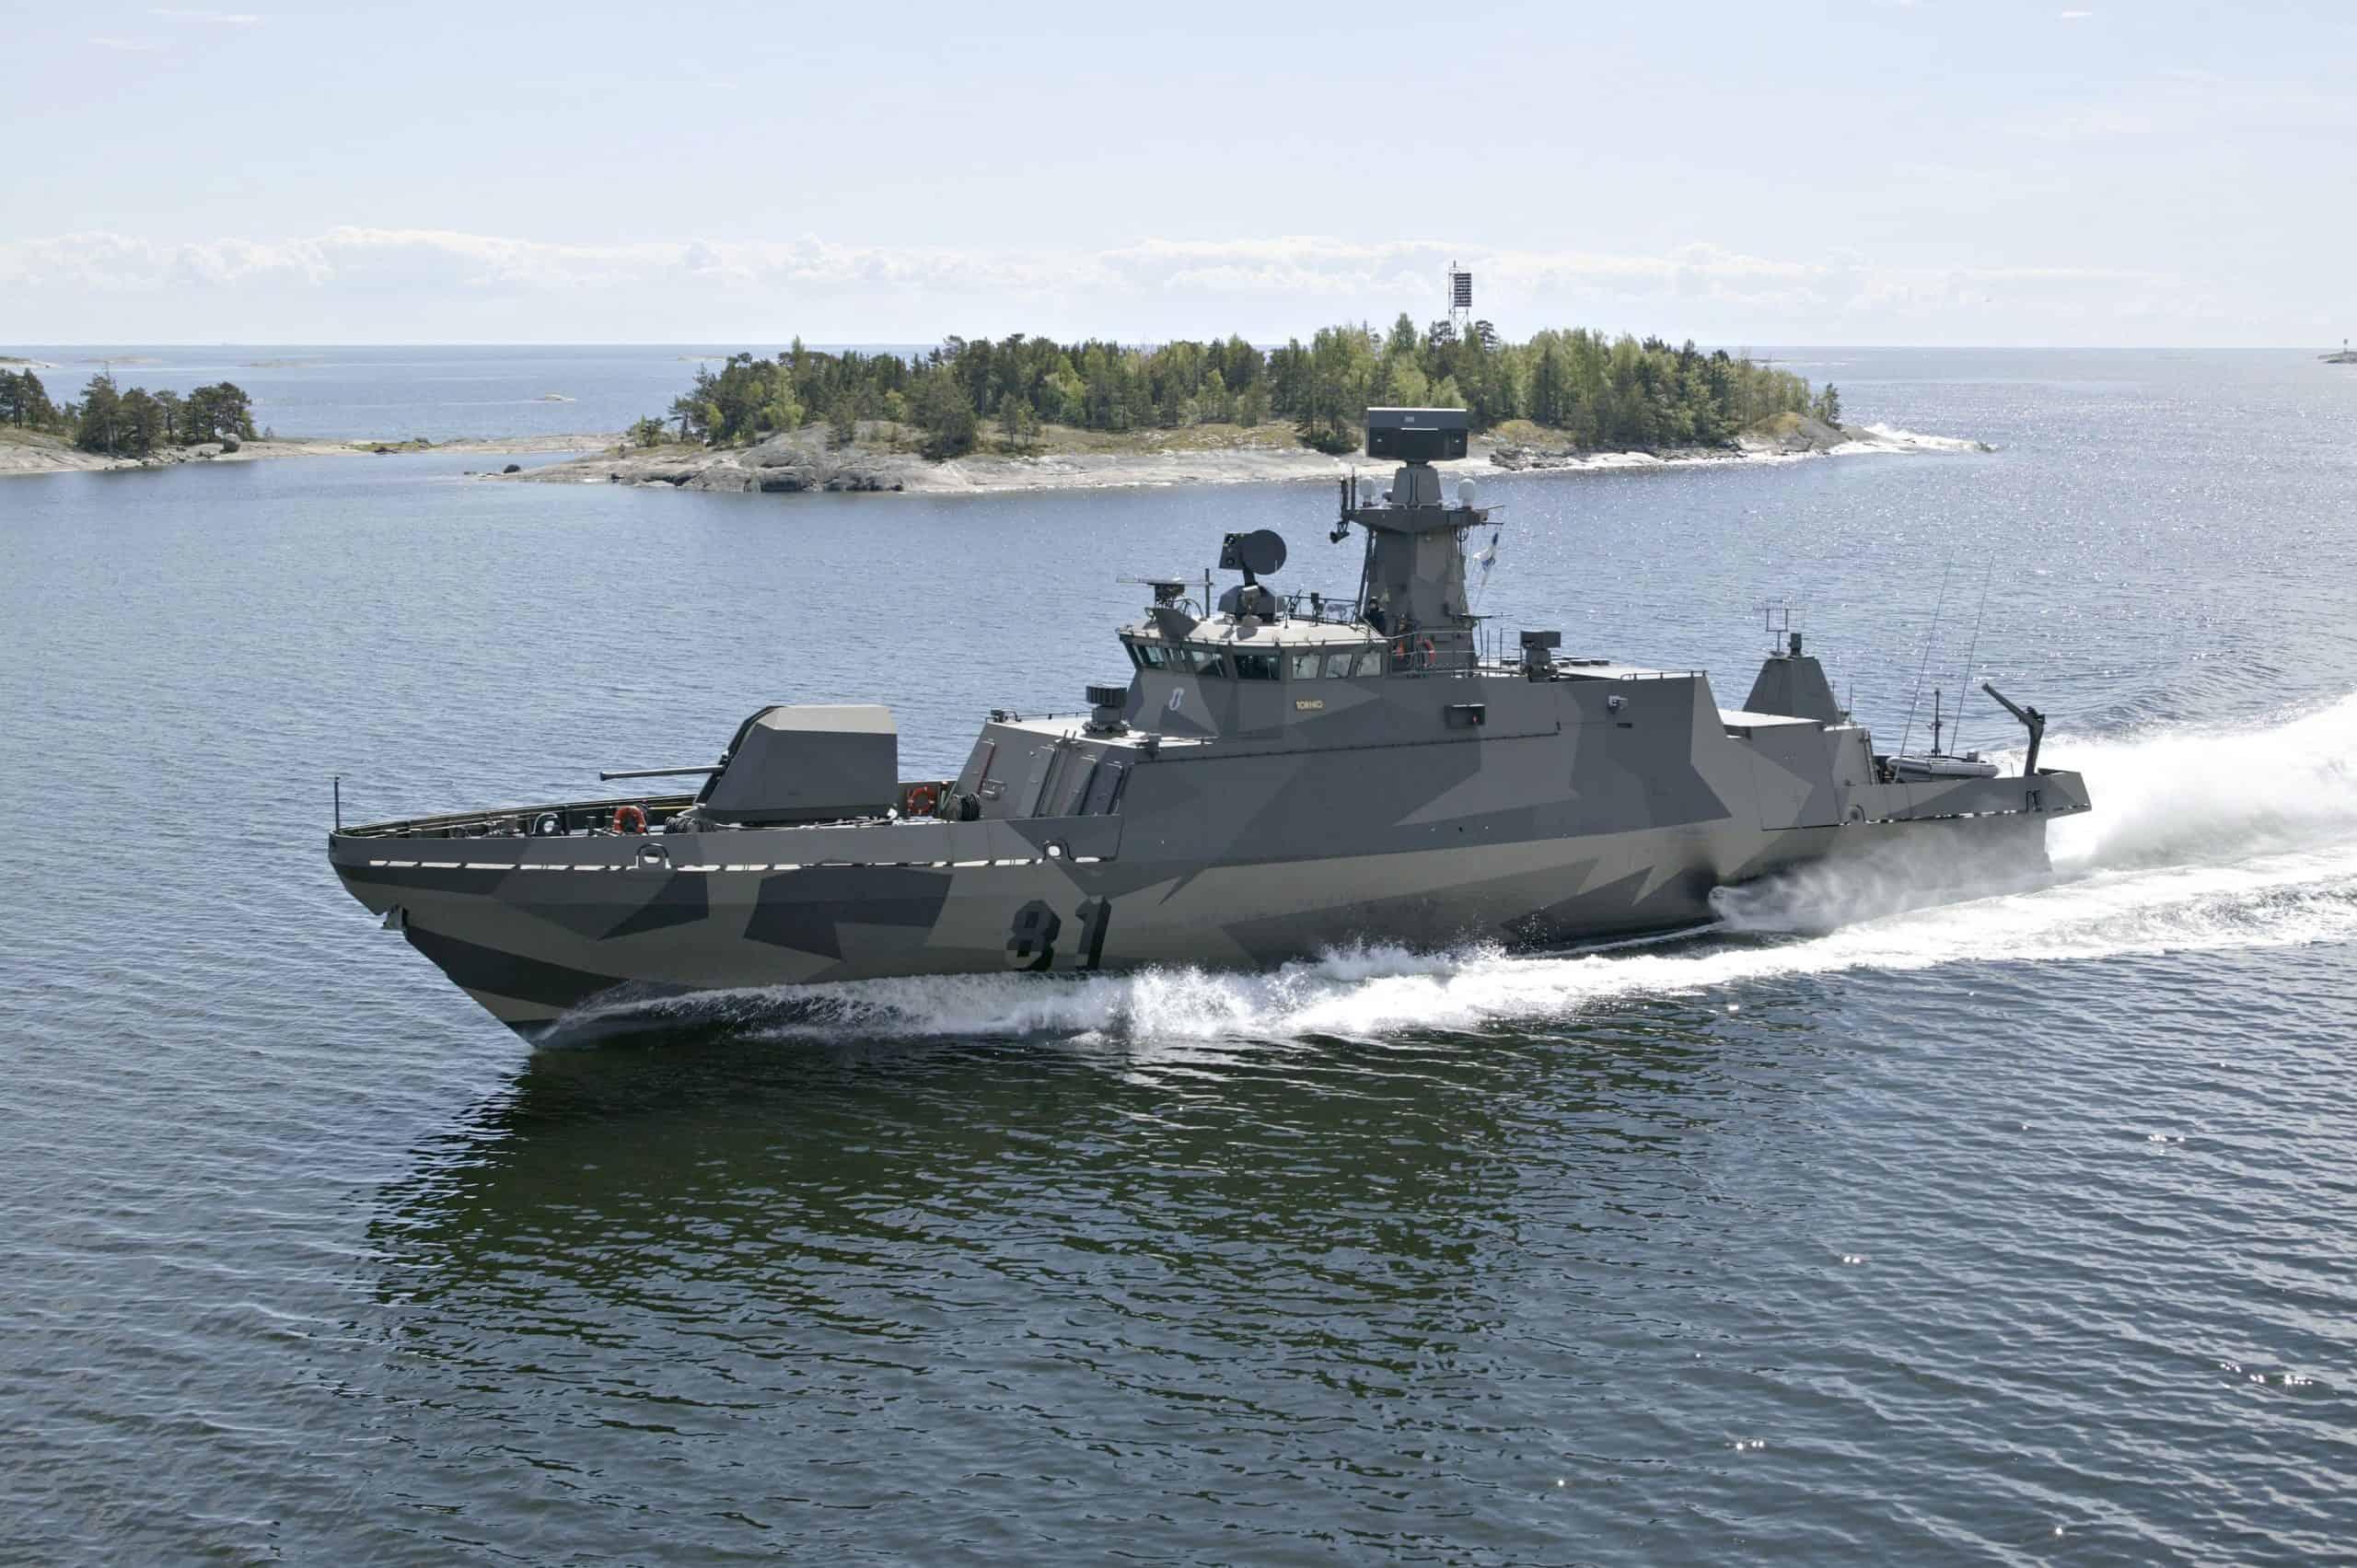 Ракетний катер FNS Tornio (81) ВМС Фінляндії